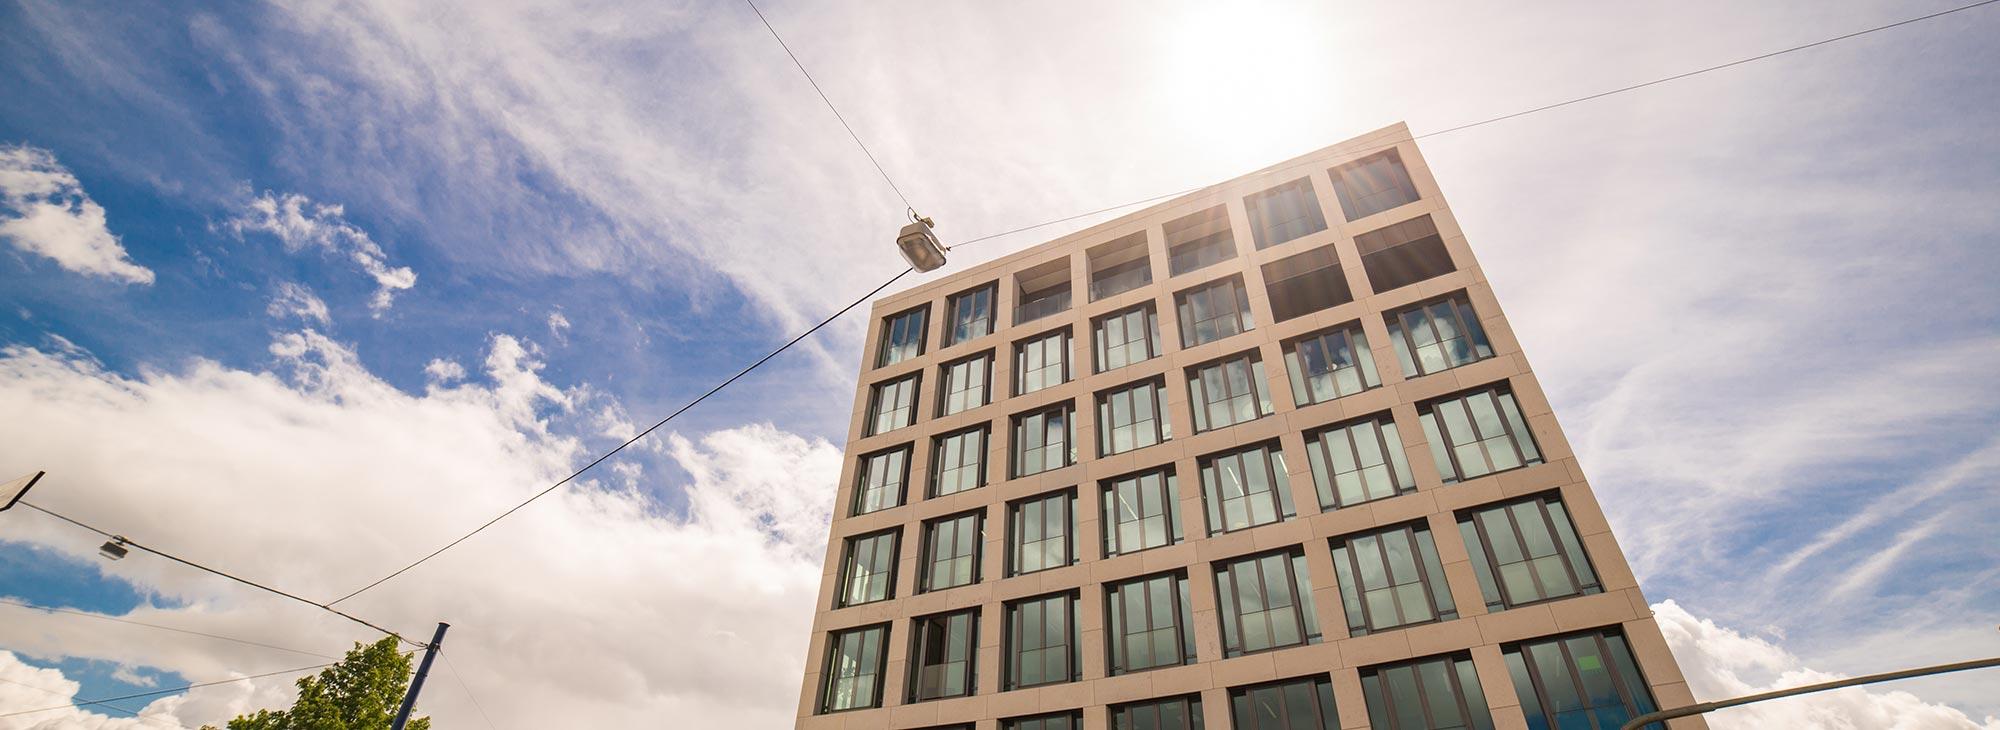 Praxisgebäude der Zahnärzte im Wengentor mit neuen, modernen Praxisräumen und einer herrlichen Aussicht auf die Ulmer Altstadt.